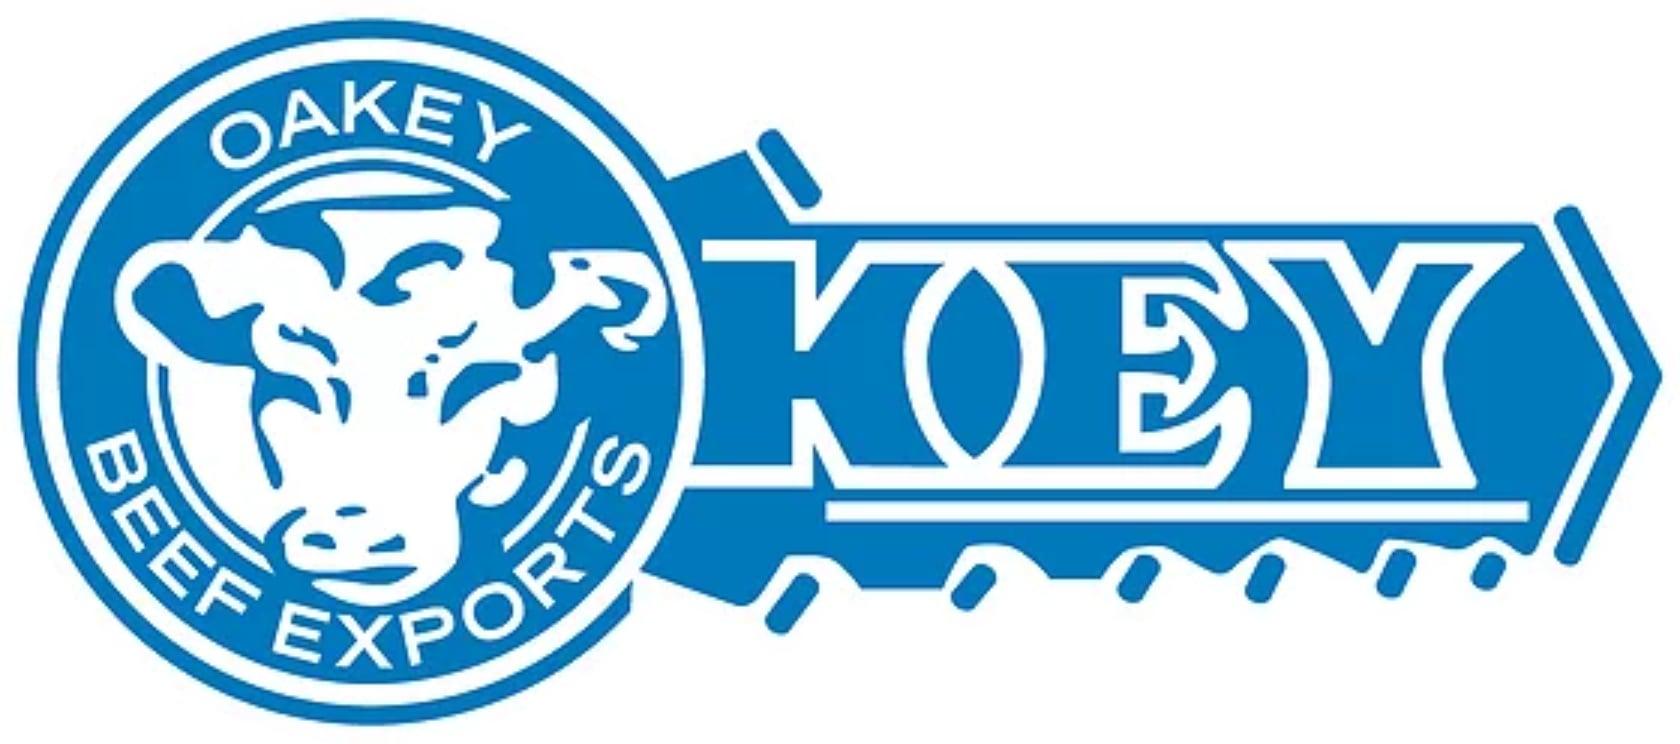 Oakey Beef Logo